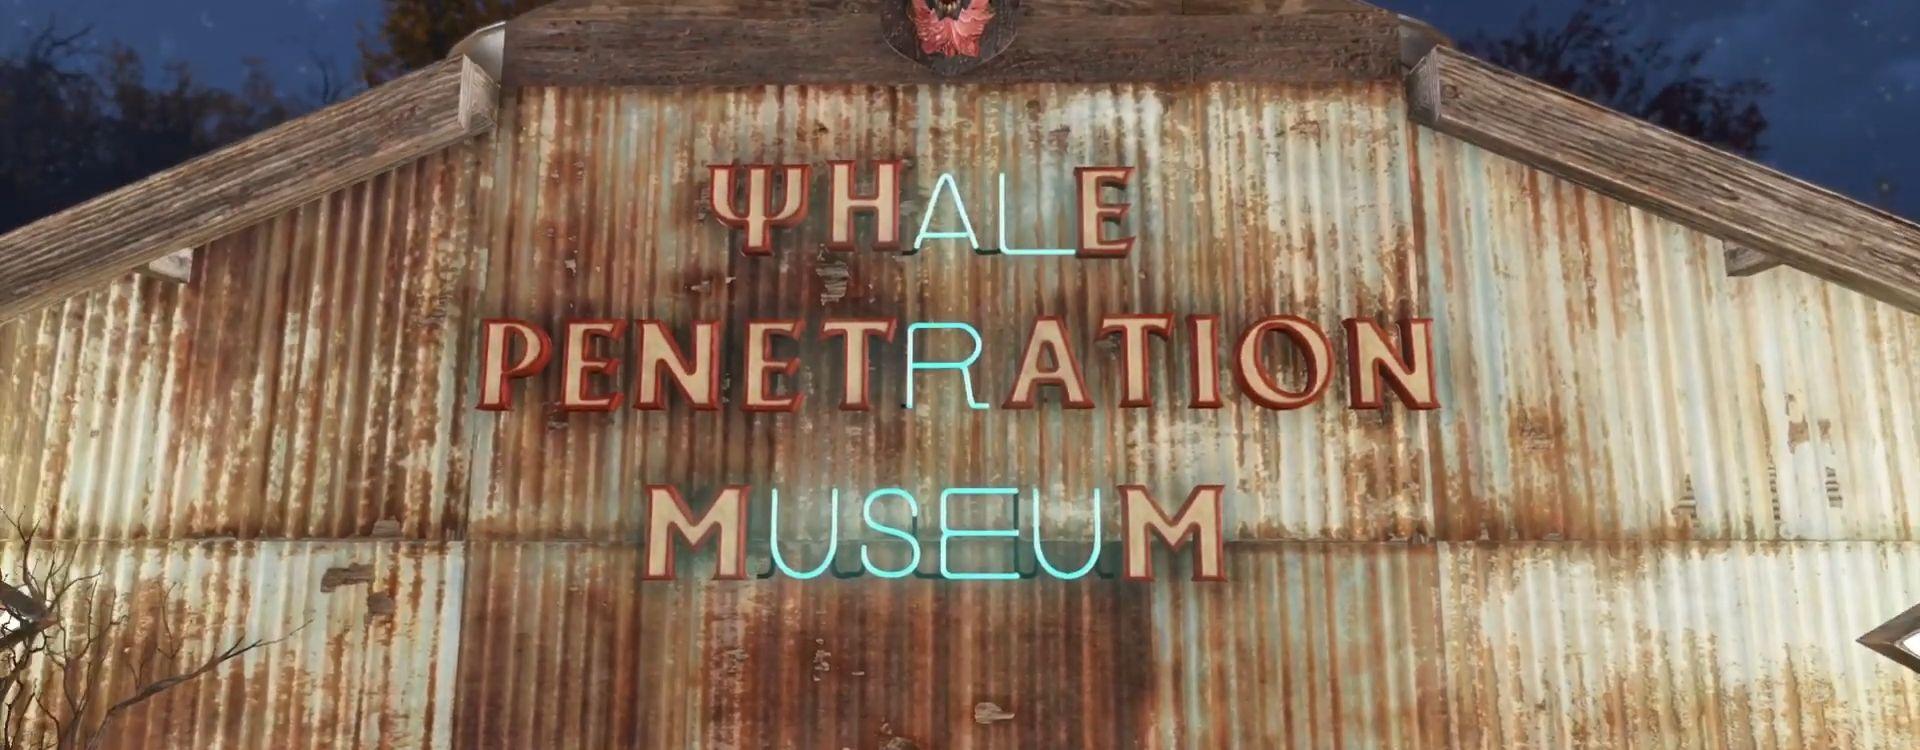 Spieler in Fallout 76 betreibt ein so irres Museum, dass er sogar Eintritt verlangt